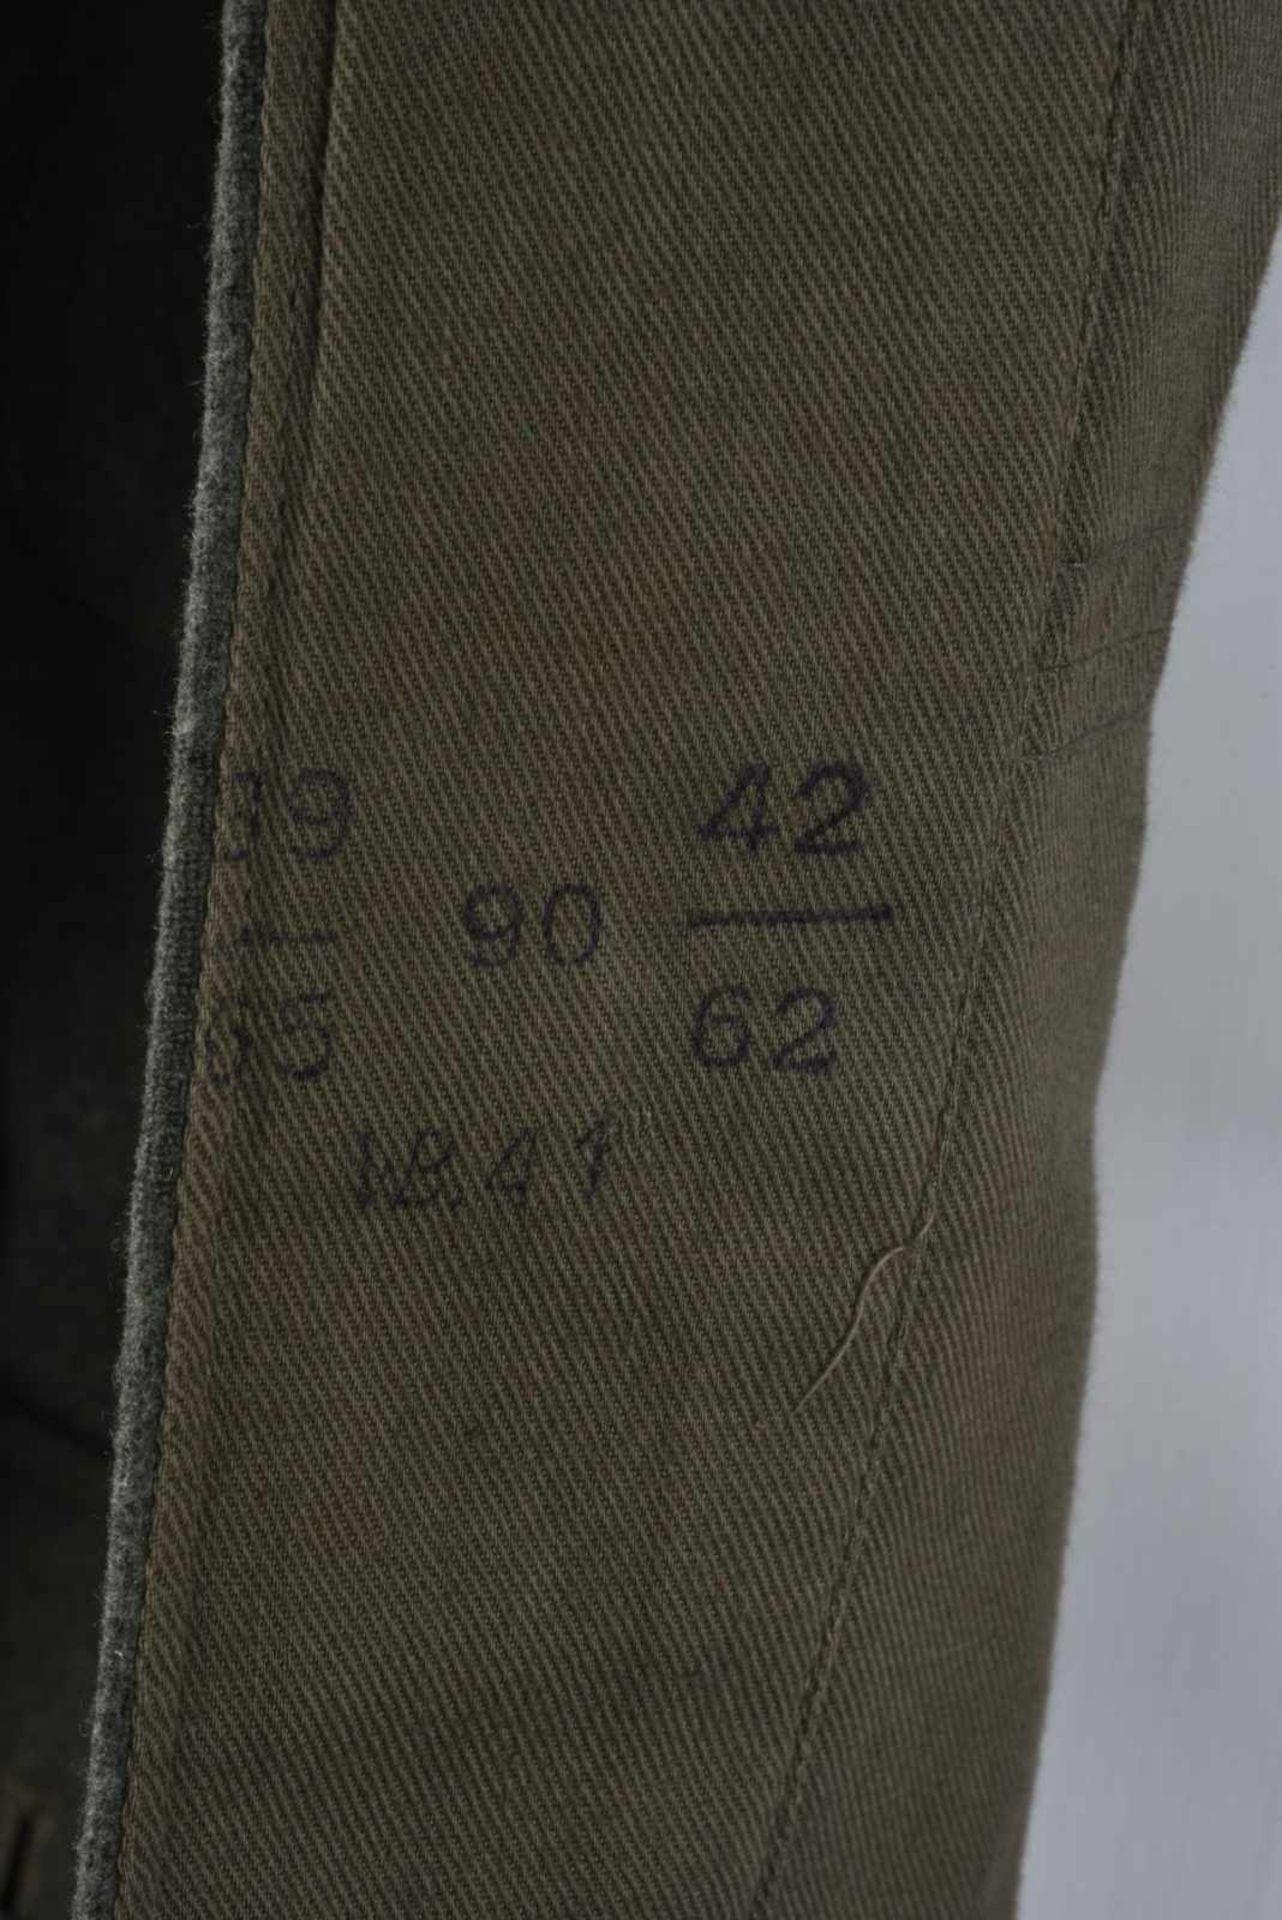 Vareuse troupe d'infanterie allemande. En drap de laine Feldgrau, tous les boutons sont présents. - Bild 2 aus 4